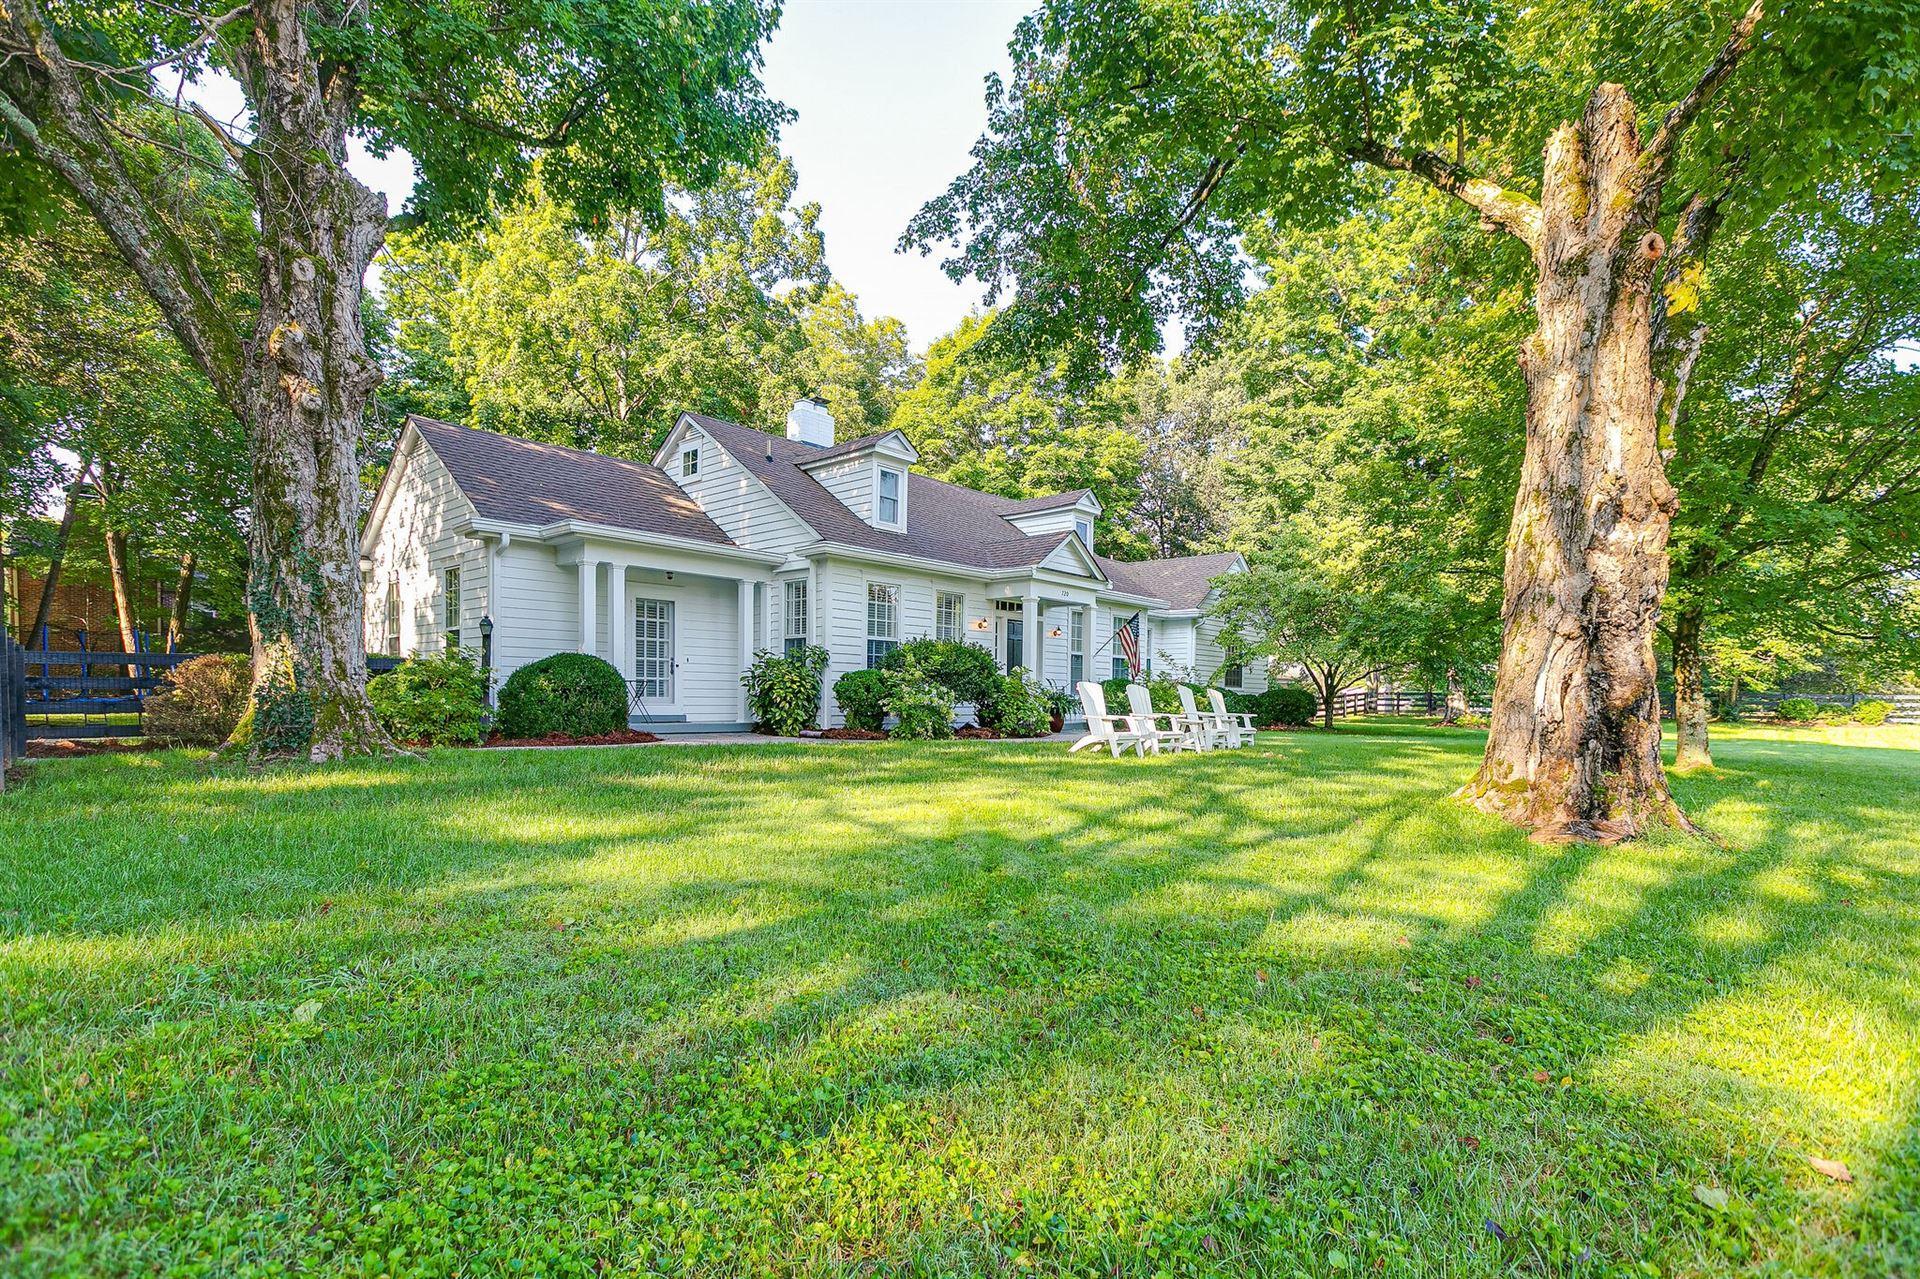 720 Murfreesboro Rd, Franklin, TN 37064 - MLS#: 2291104